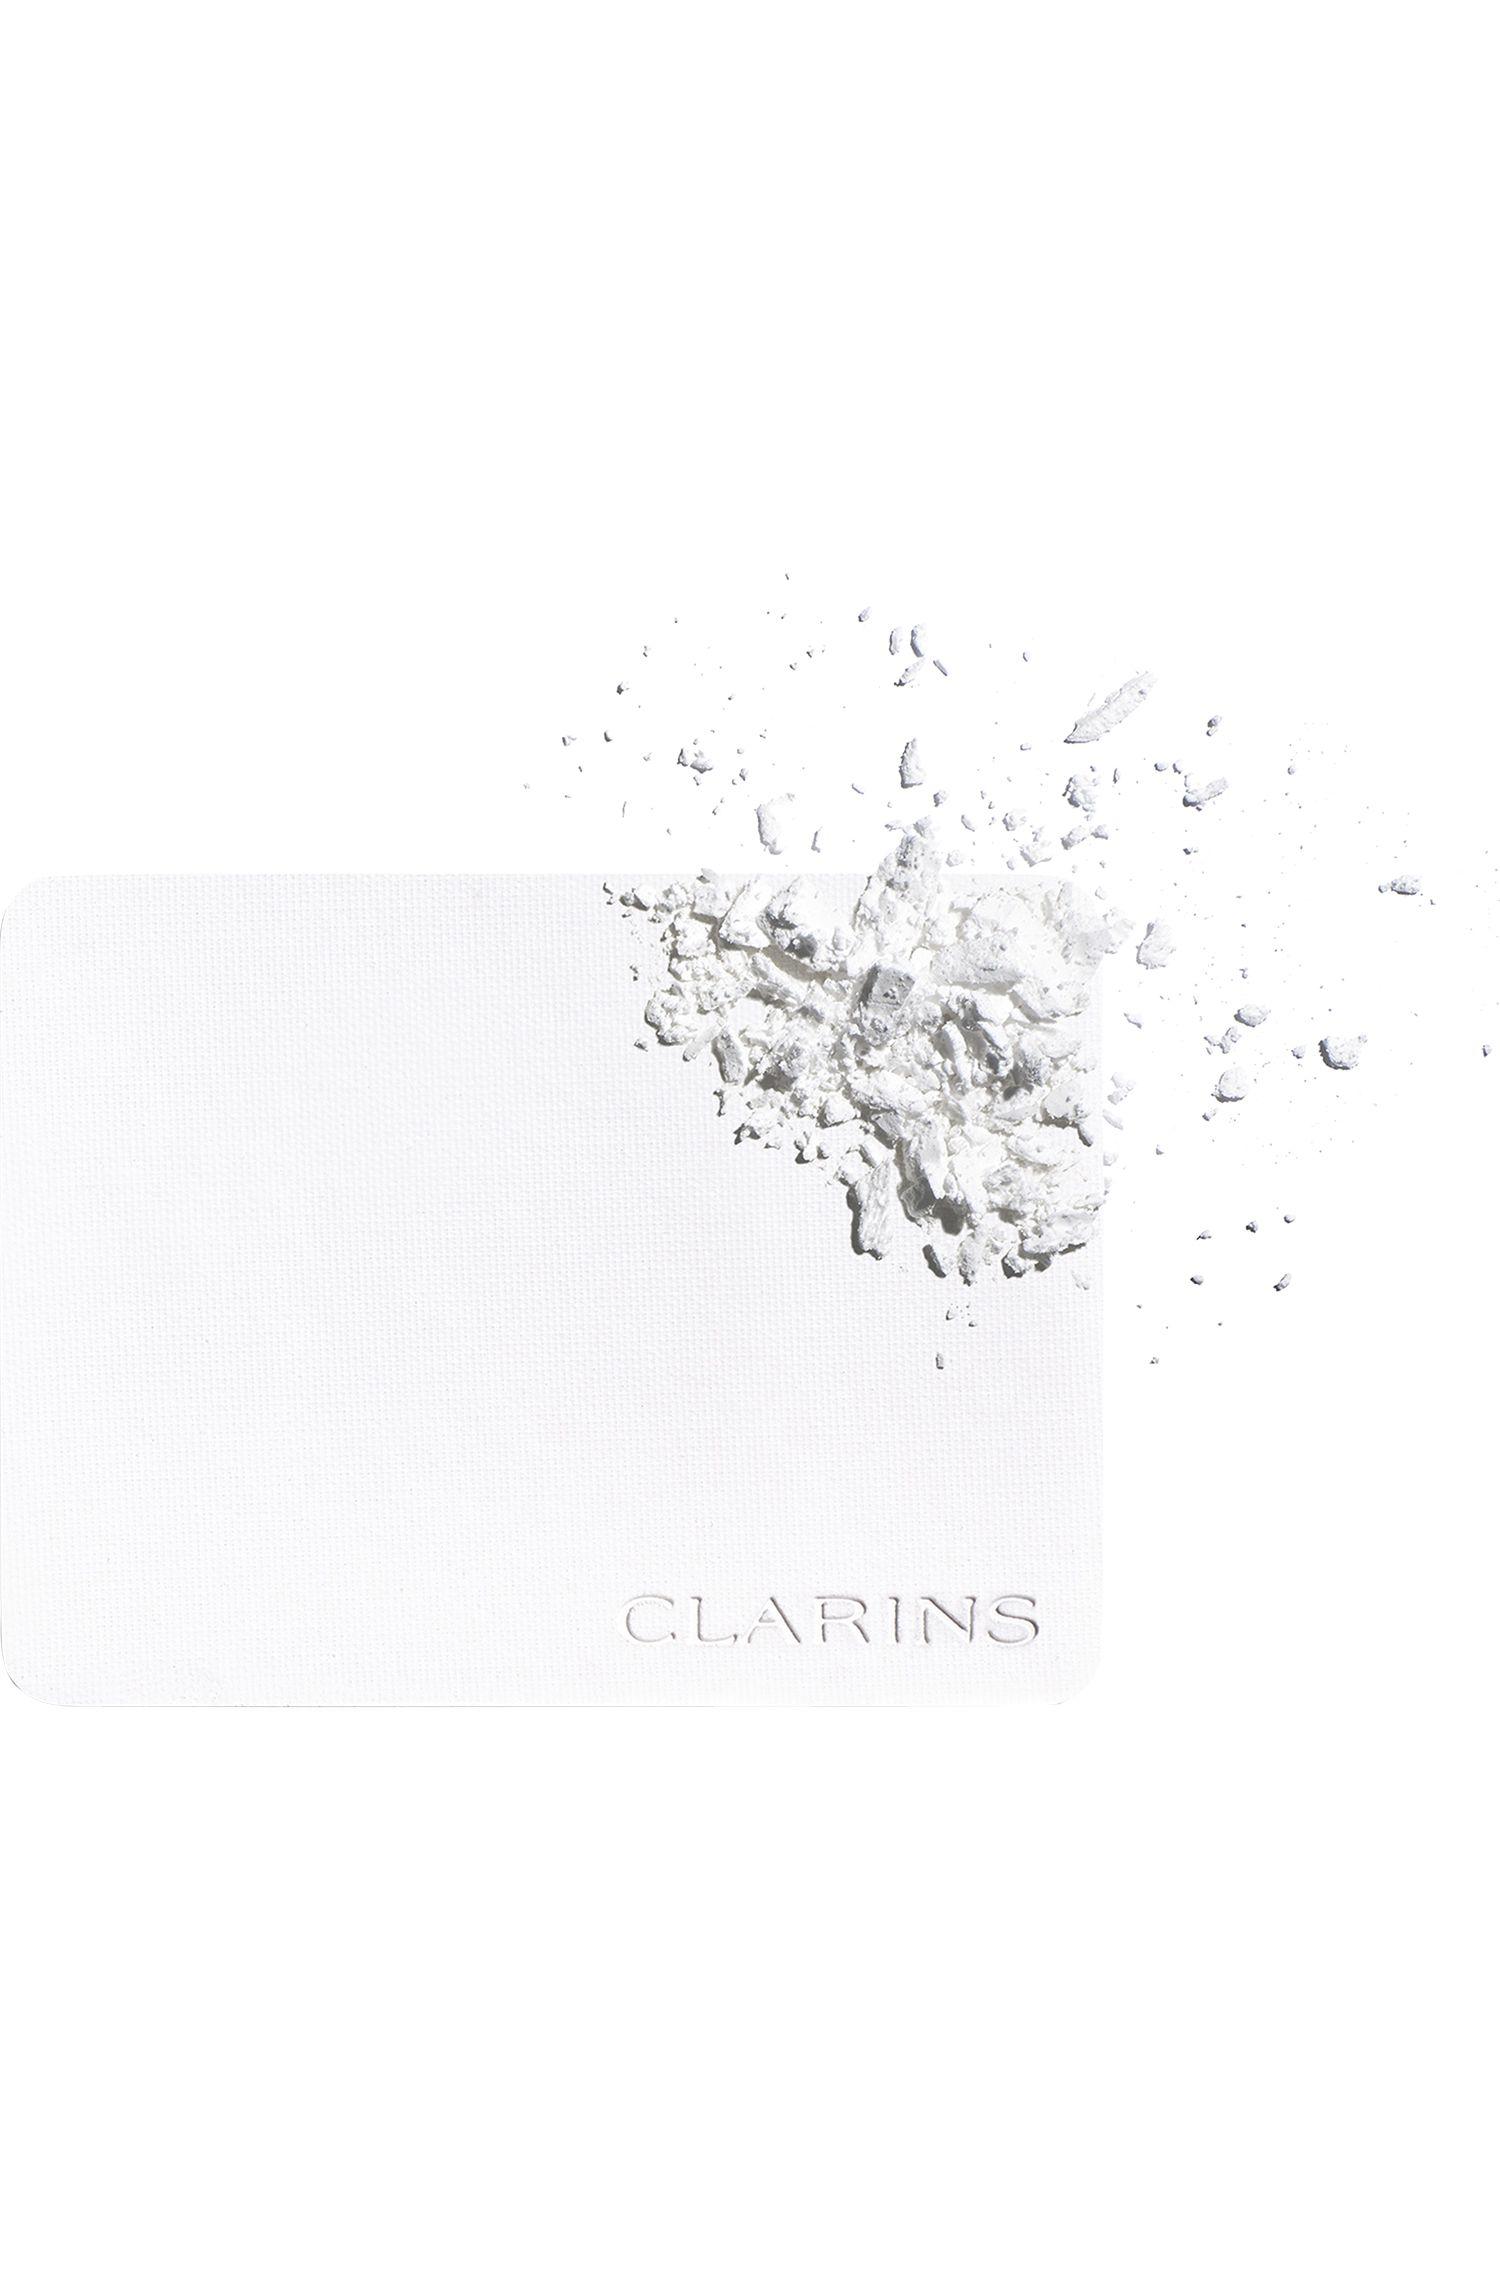 Blissim : Clarins - Kit papiers matifiants + poudre lissante transparente - Kit papiers matifiants + poudre lissante transparente